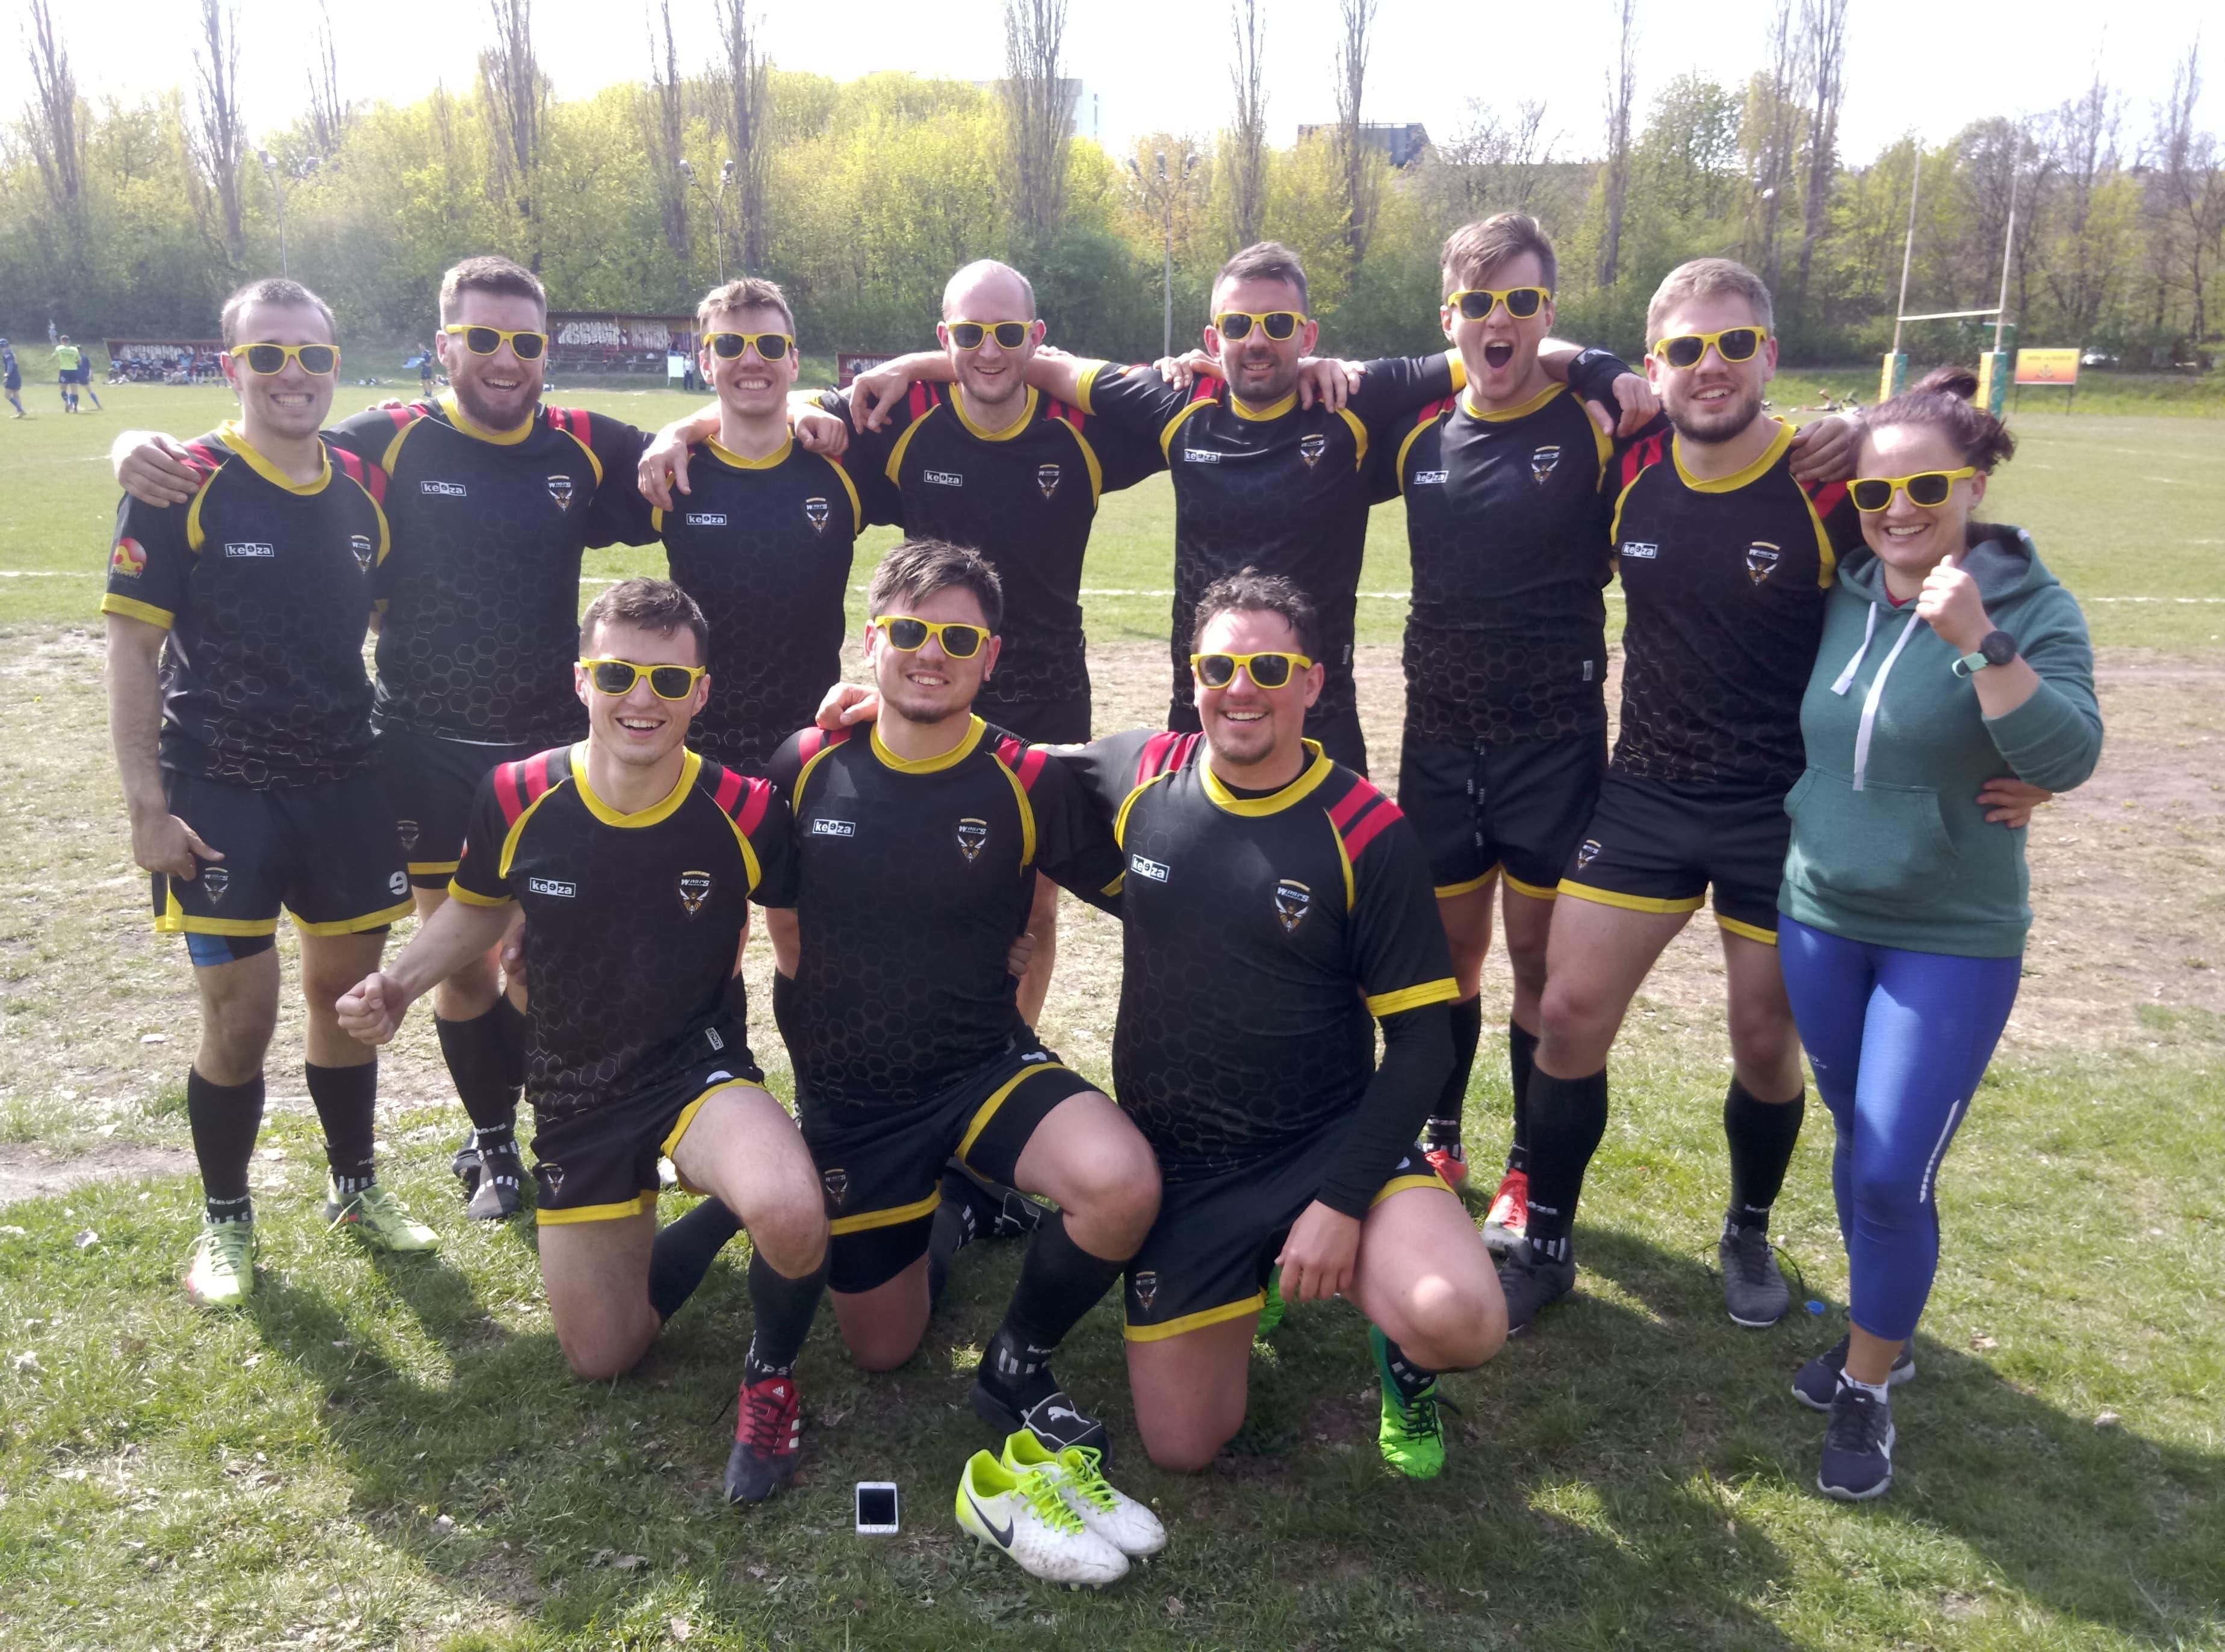 Wasps Rugby Wrocław z awansem do finału Mistrzostw Polski